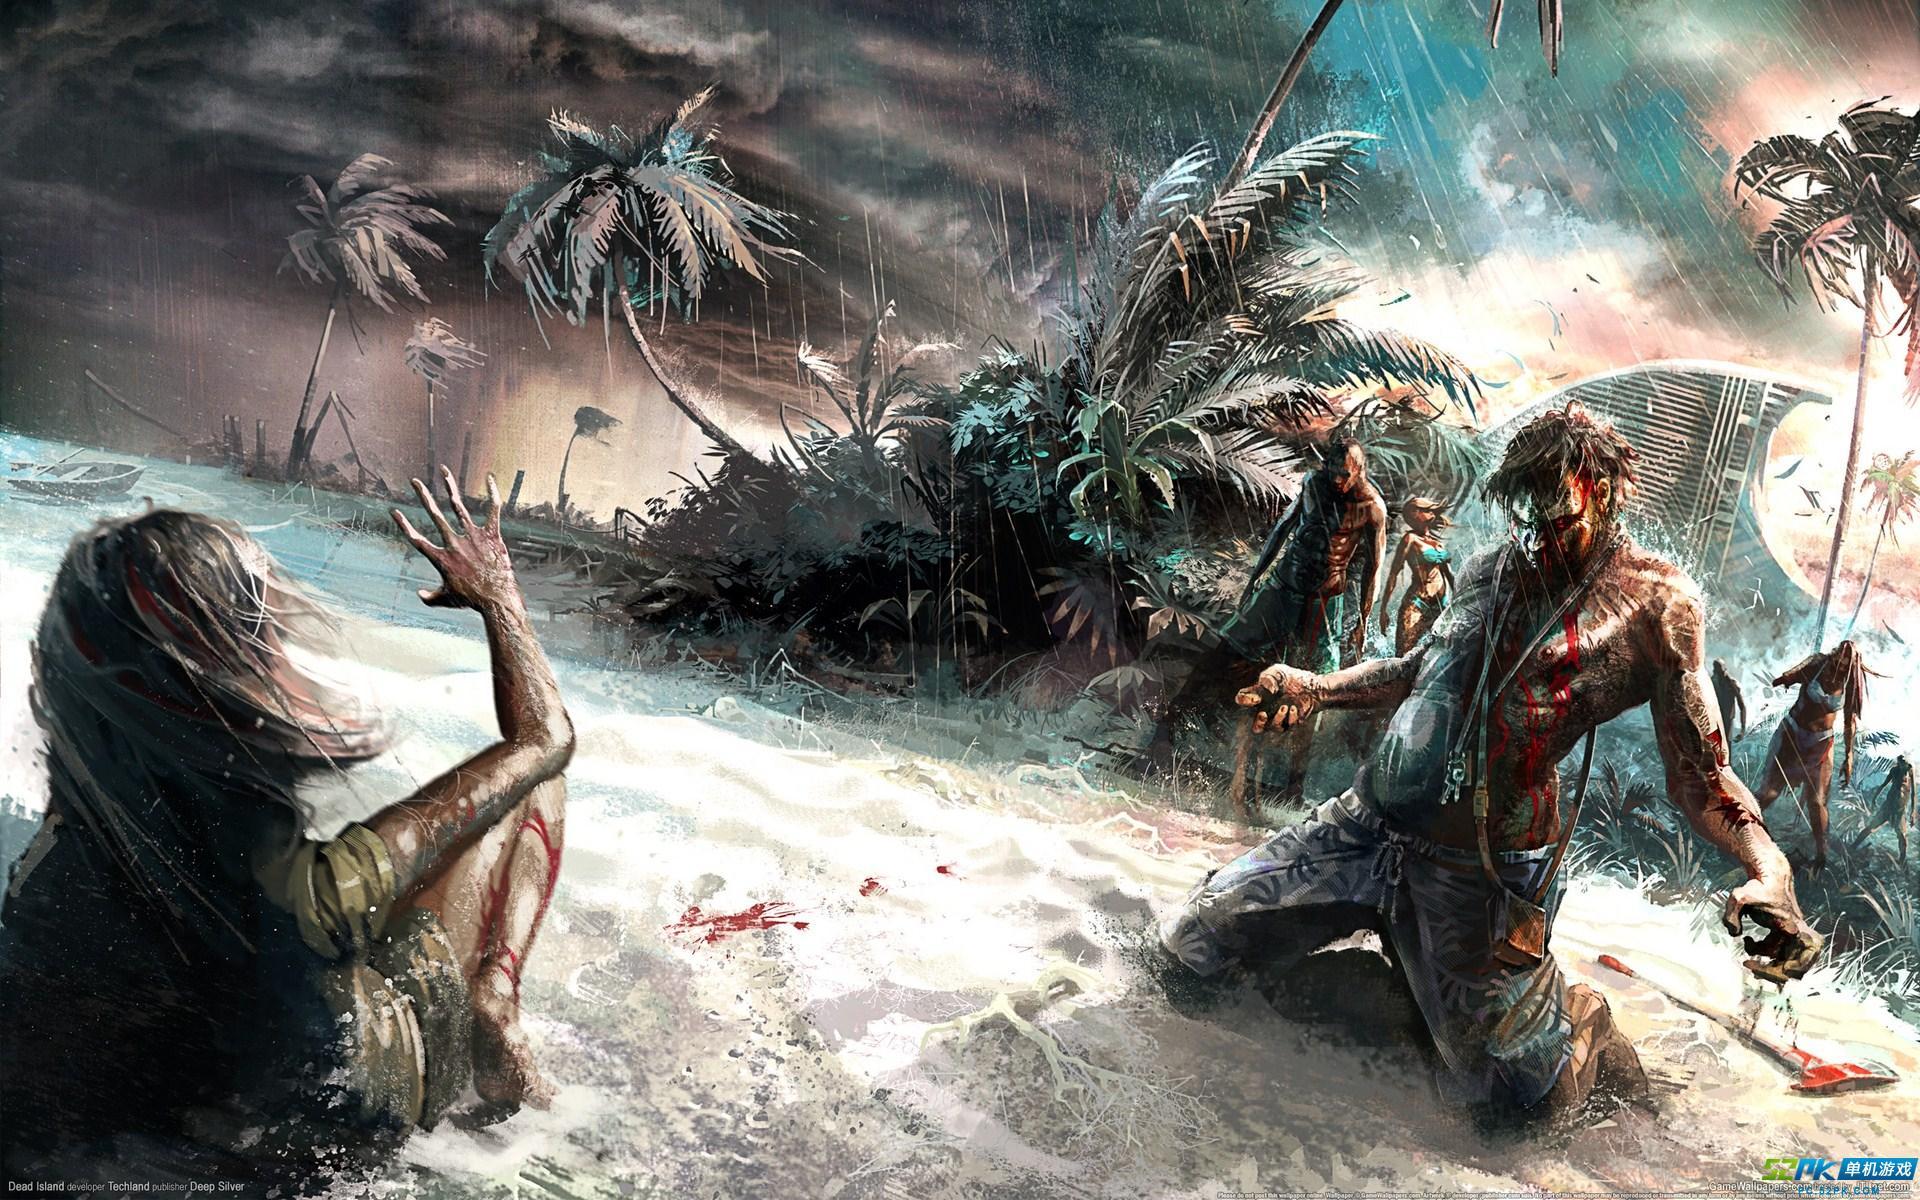 死亡?y?#_恐怖僵尸游戏死亡岛高清壁纸